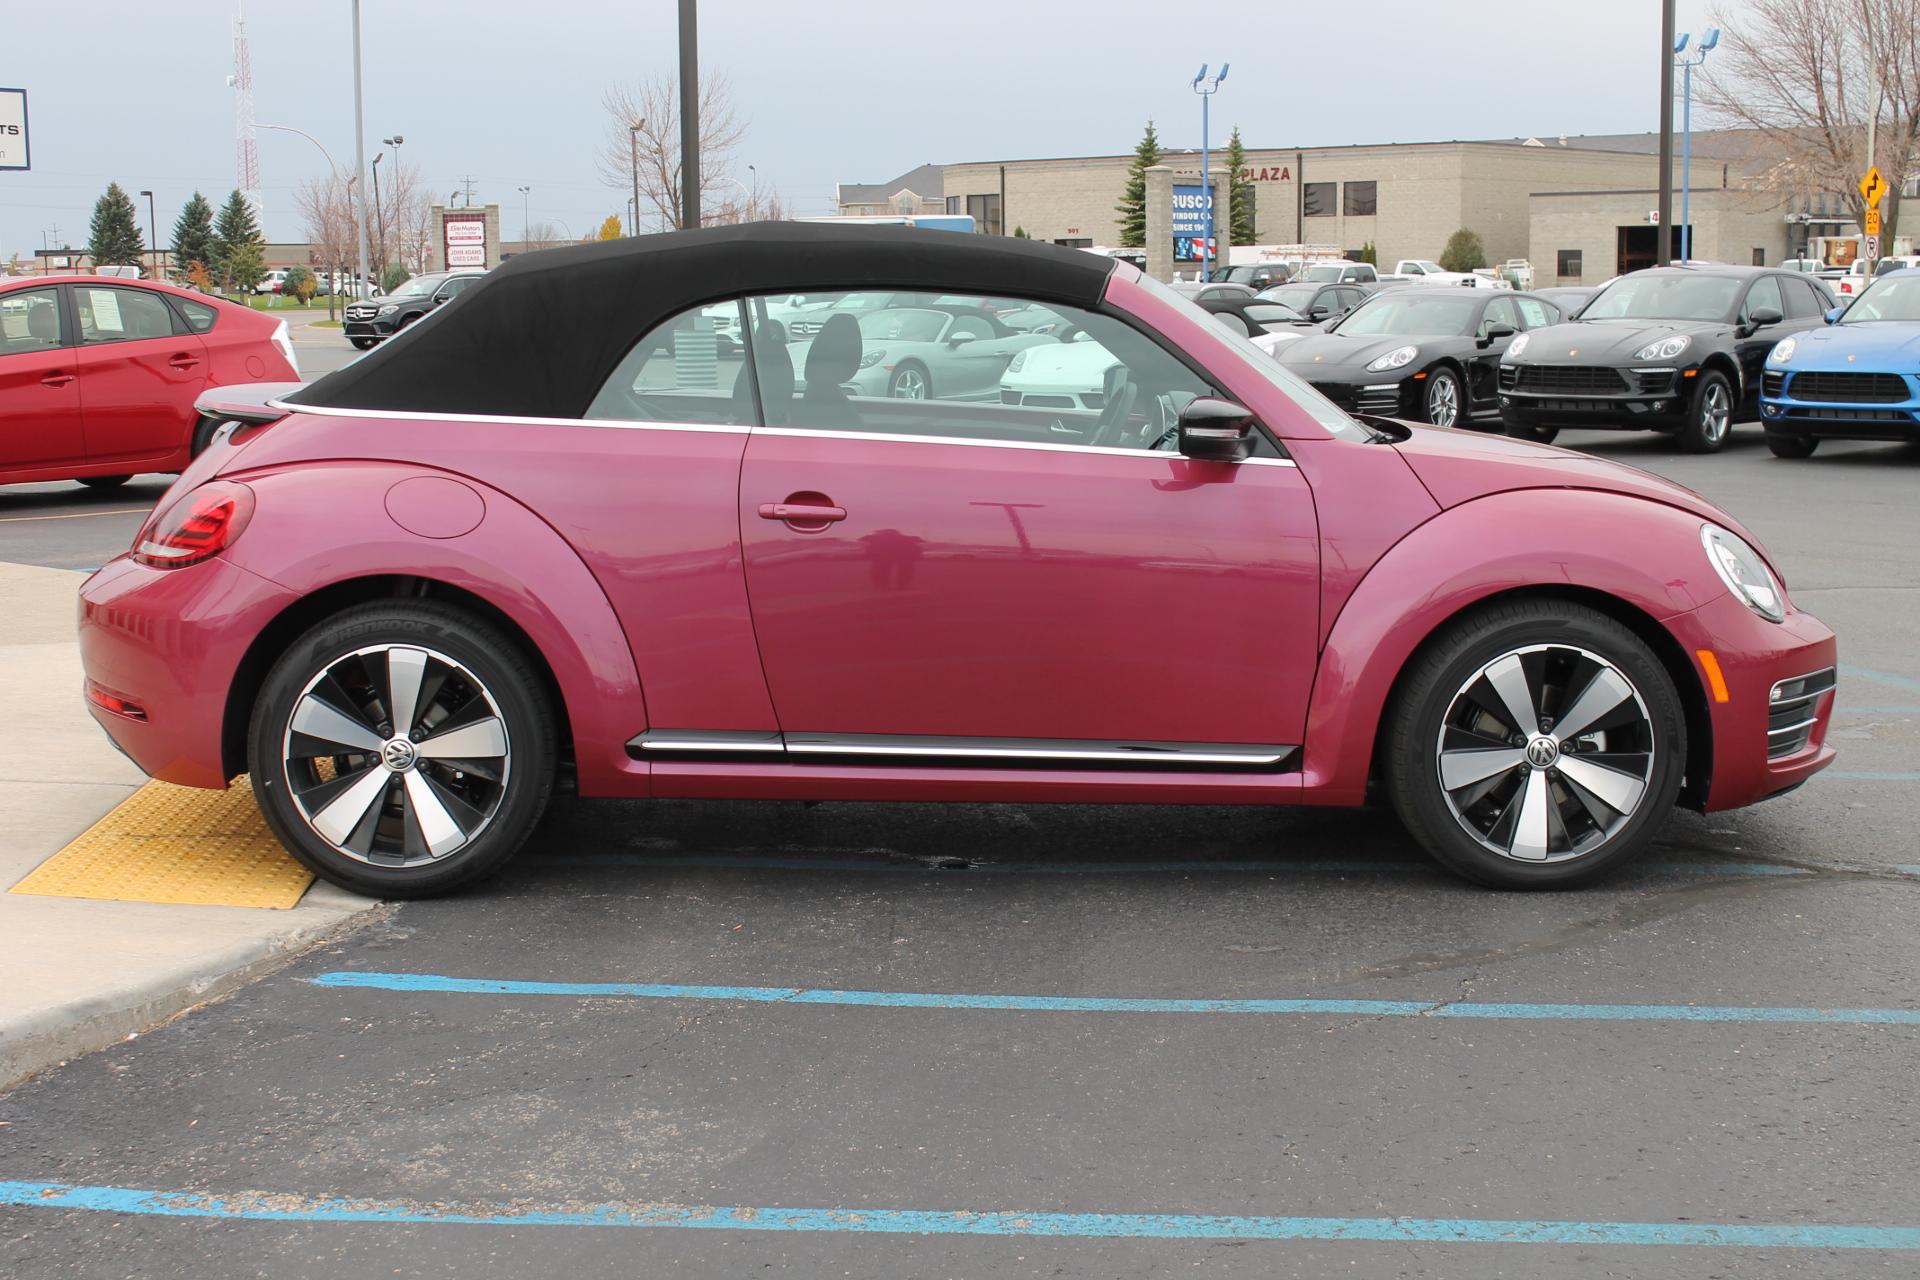 New 2017 Volkswagen Beetle Pinkbeetle Convertible In Fargo The Import Giant